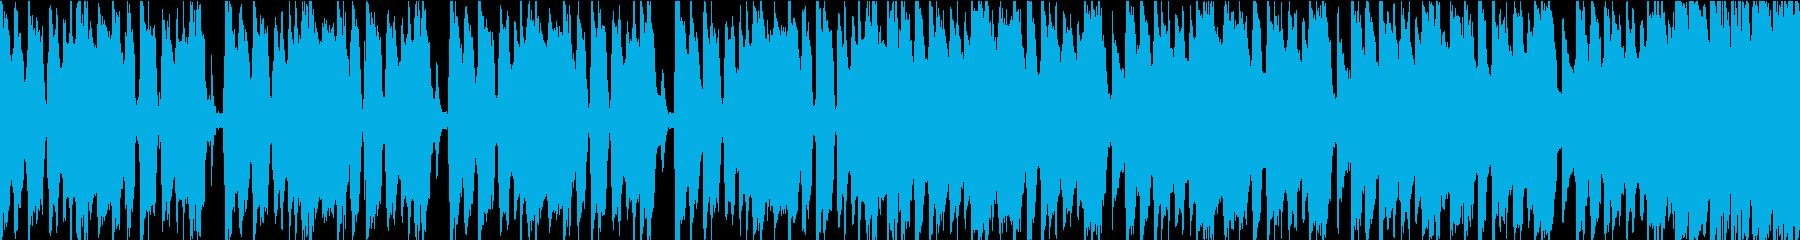 尾行を撒くシーンにあうBGM_1の再生済みの波形